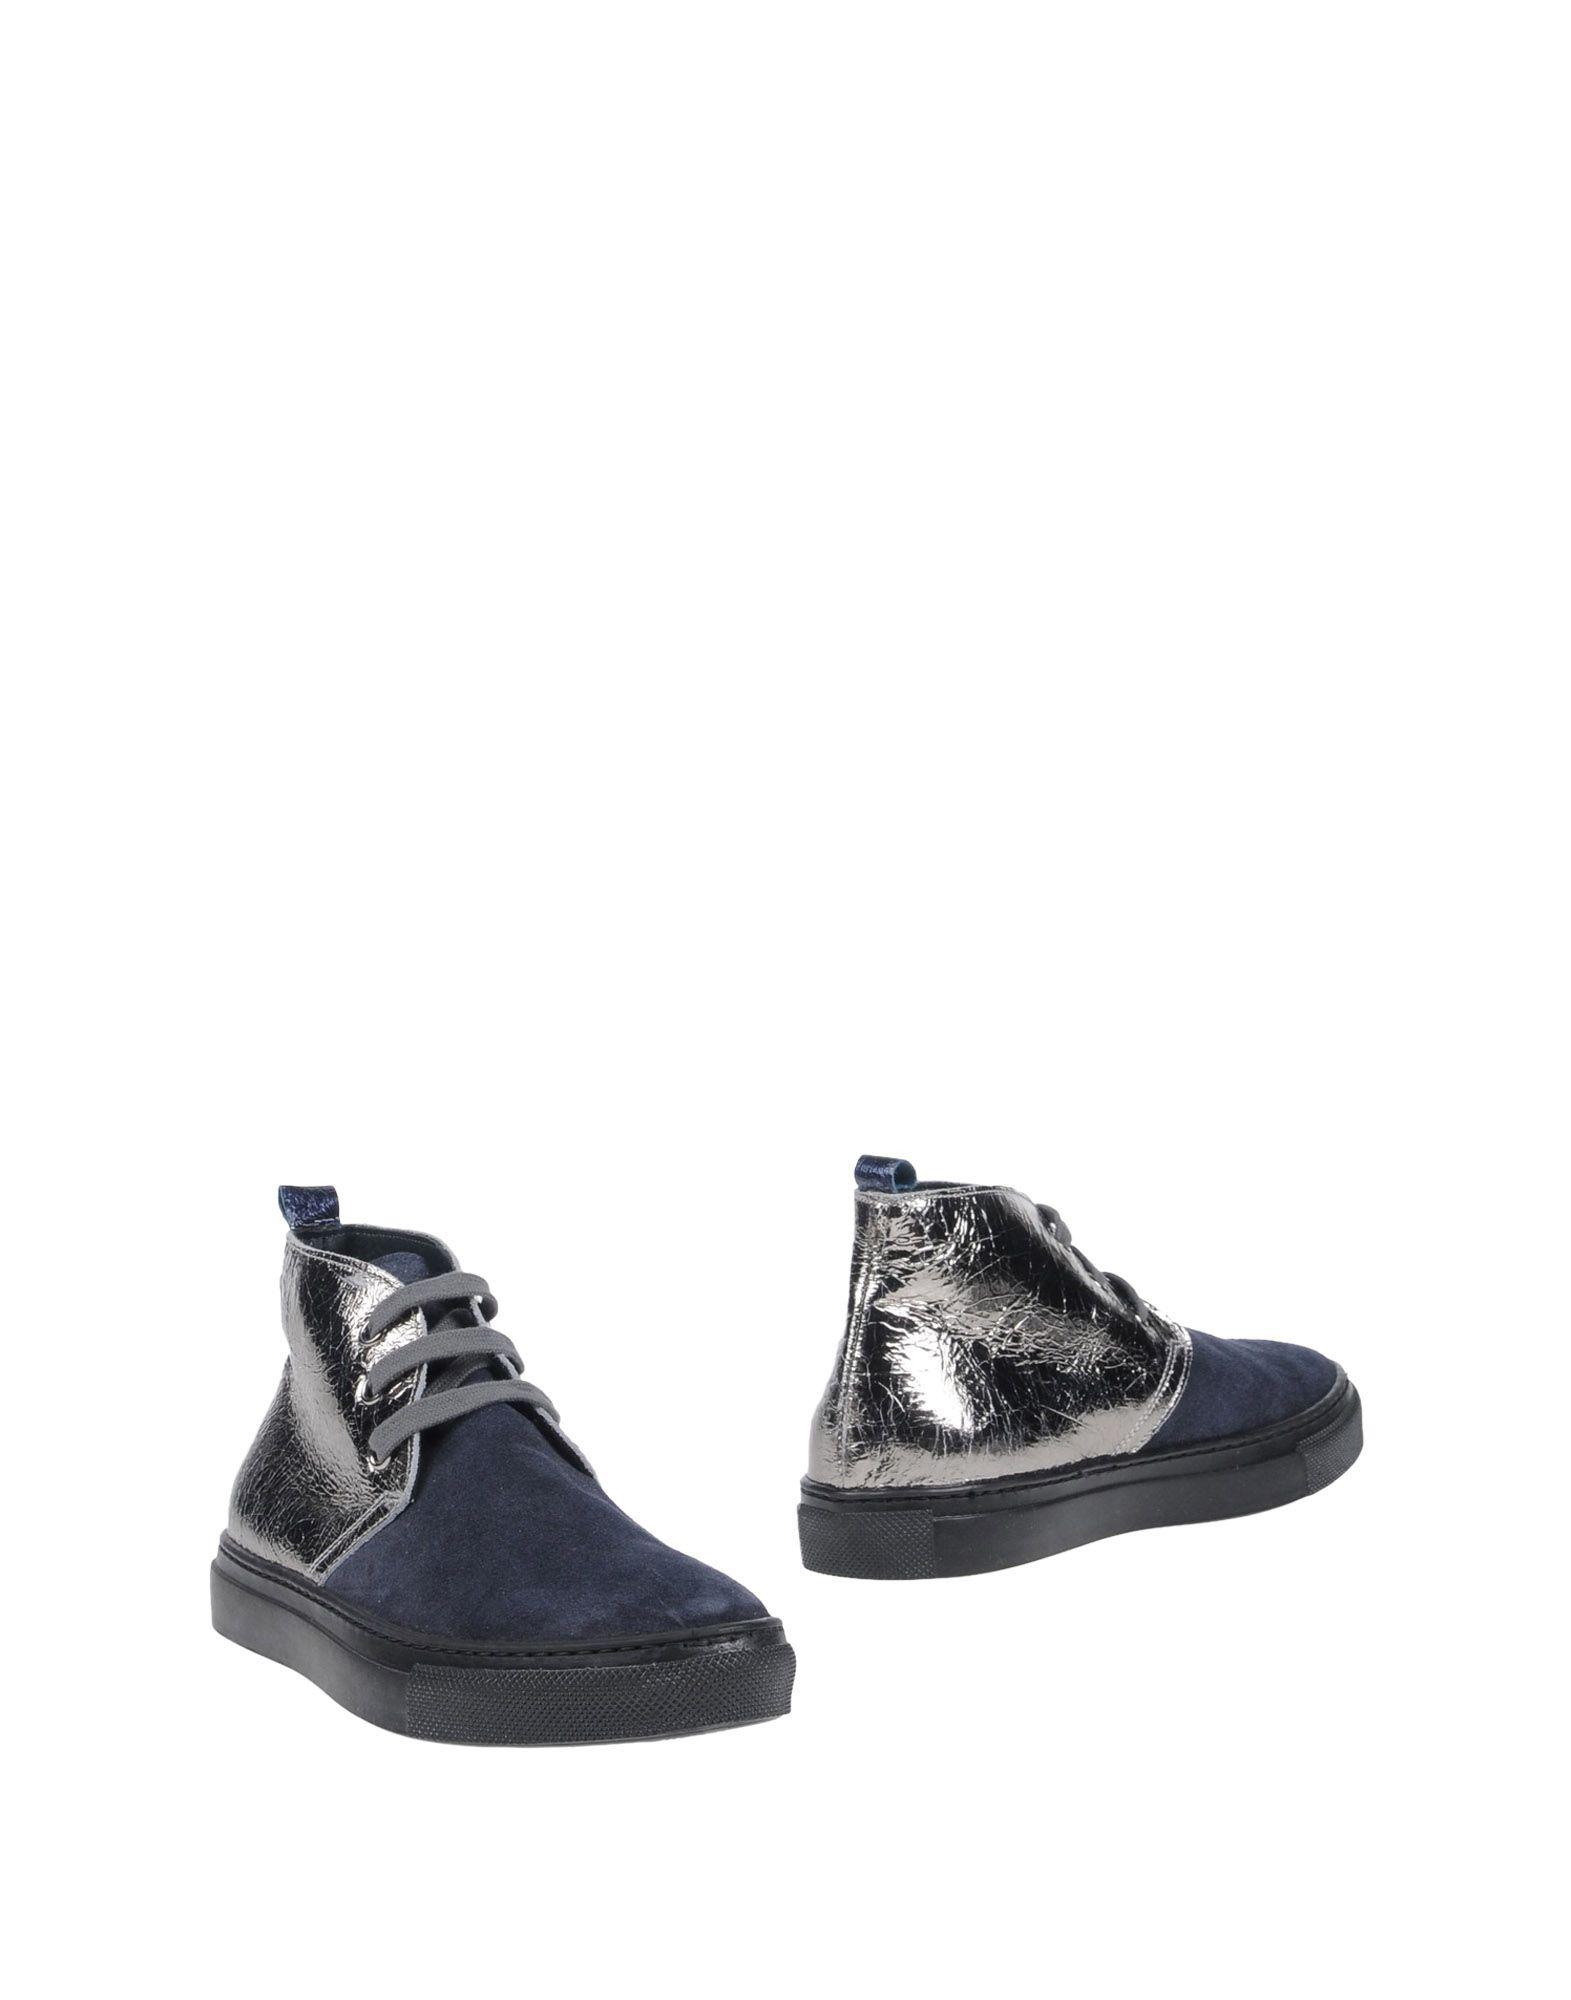 Ebarrito Stiefelette Damen  11457301WX Gute Qualität beliebte Schuhe